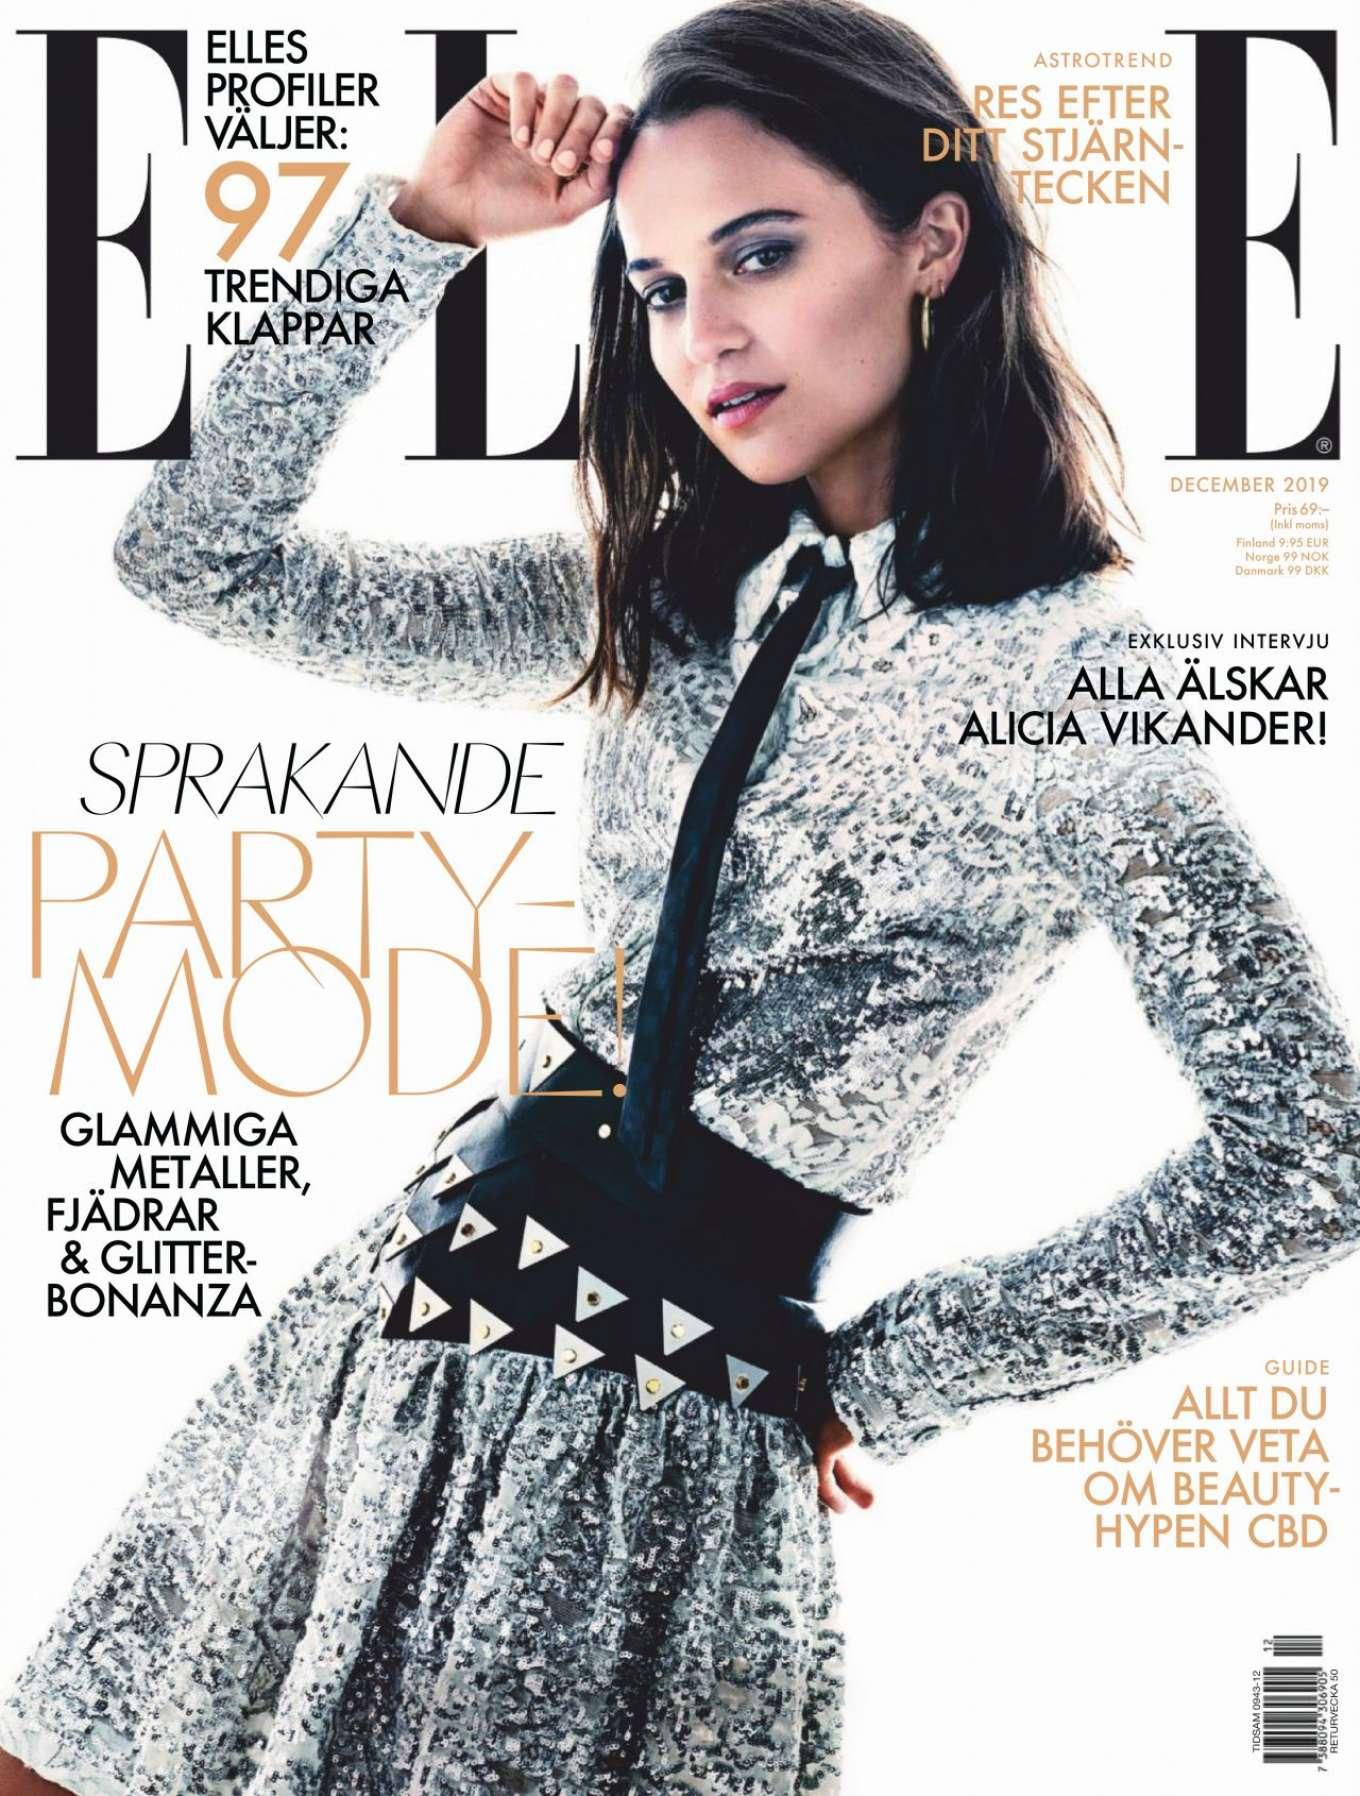 Alicia Vikander 2019 : Alicia Vikander – ELLE Sweden 2019-05